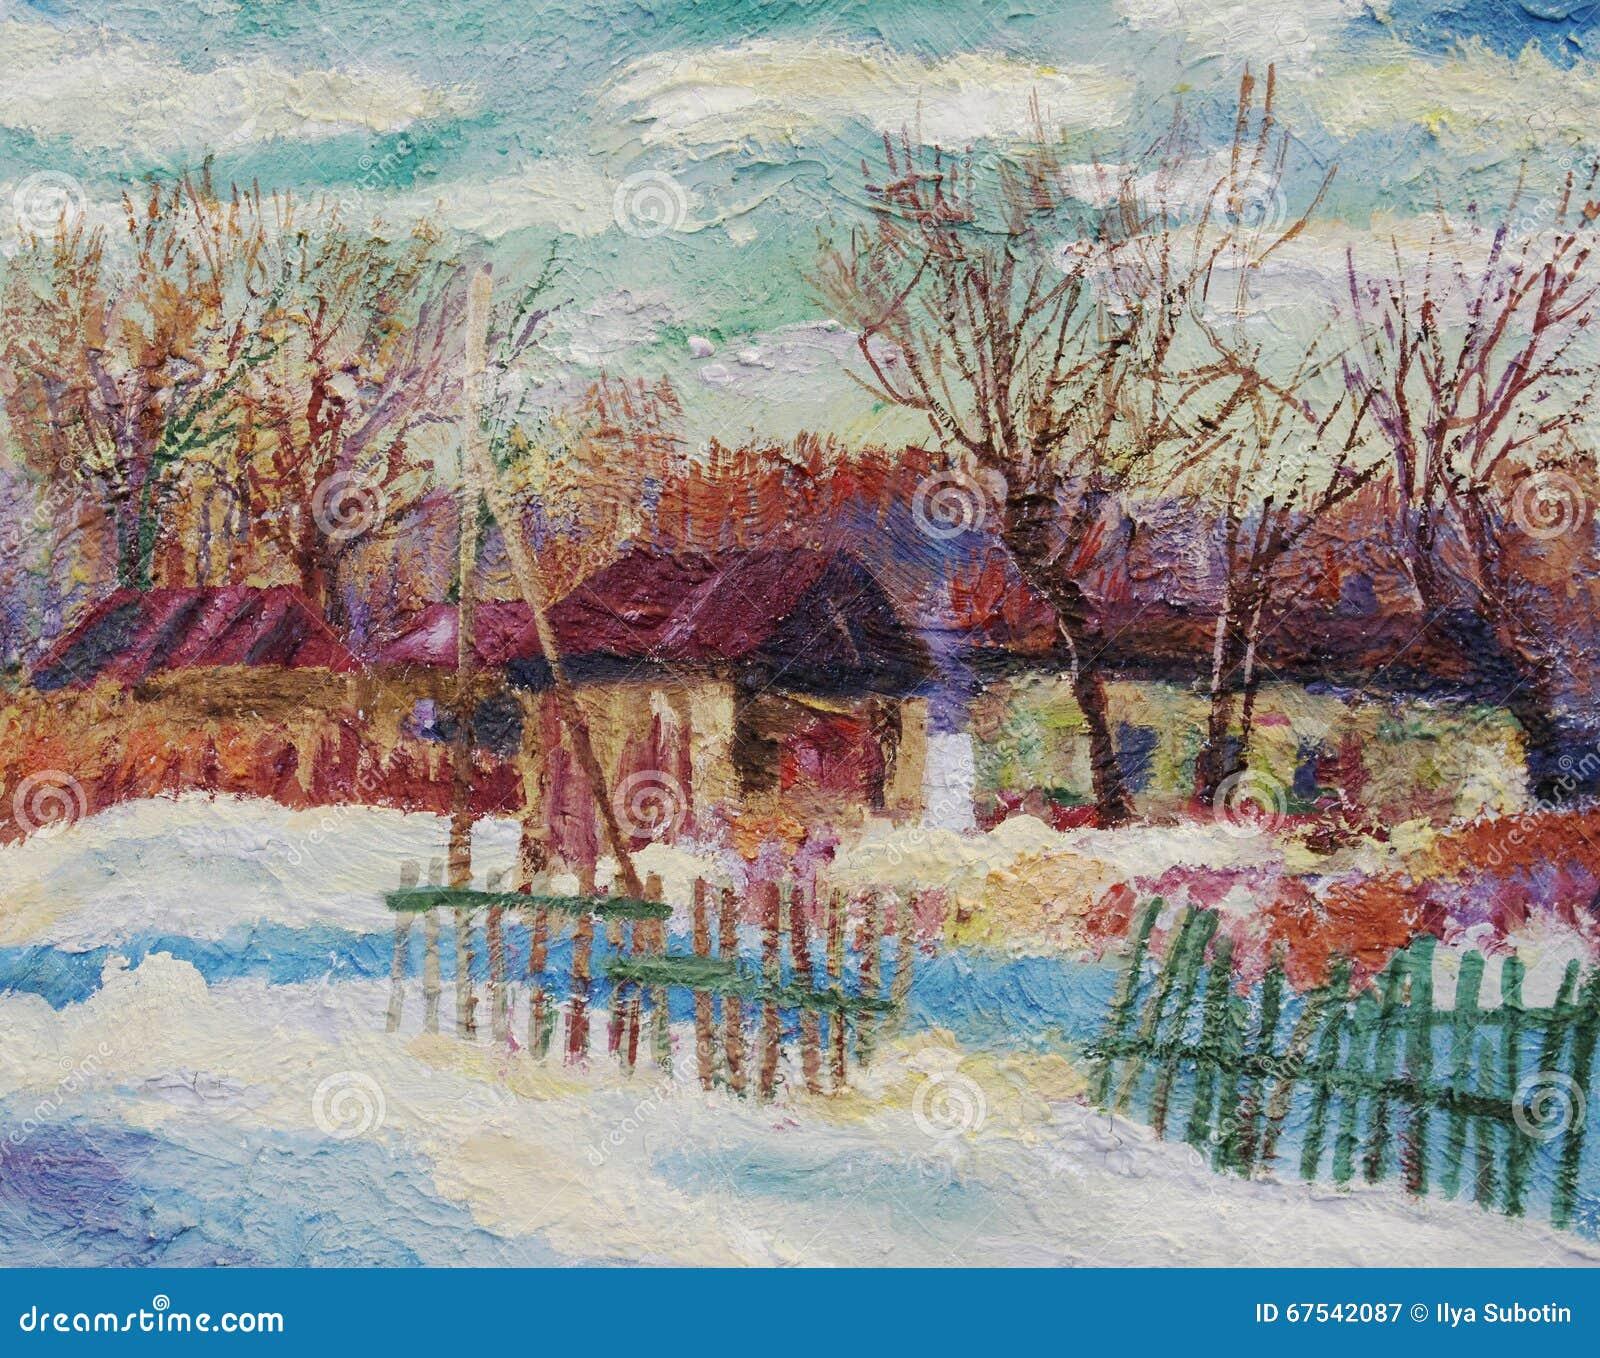 Tutti i colori dell 39 inverno immagine stock immagine di - Immagine dell albero a colori ...